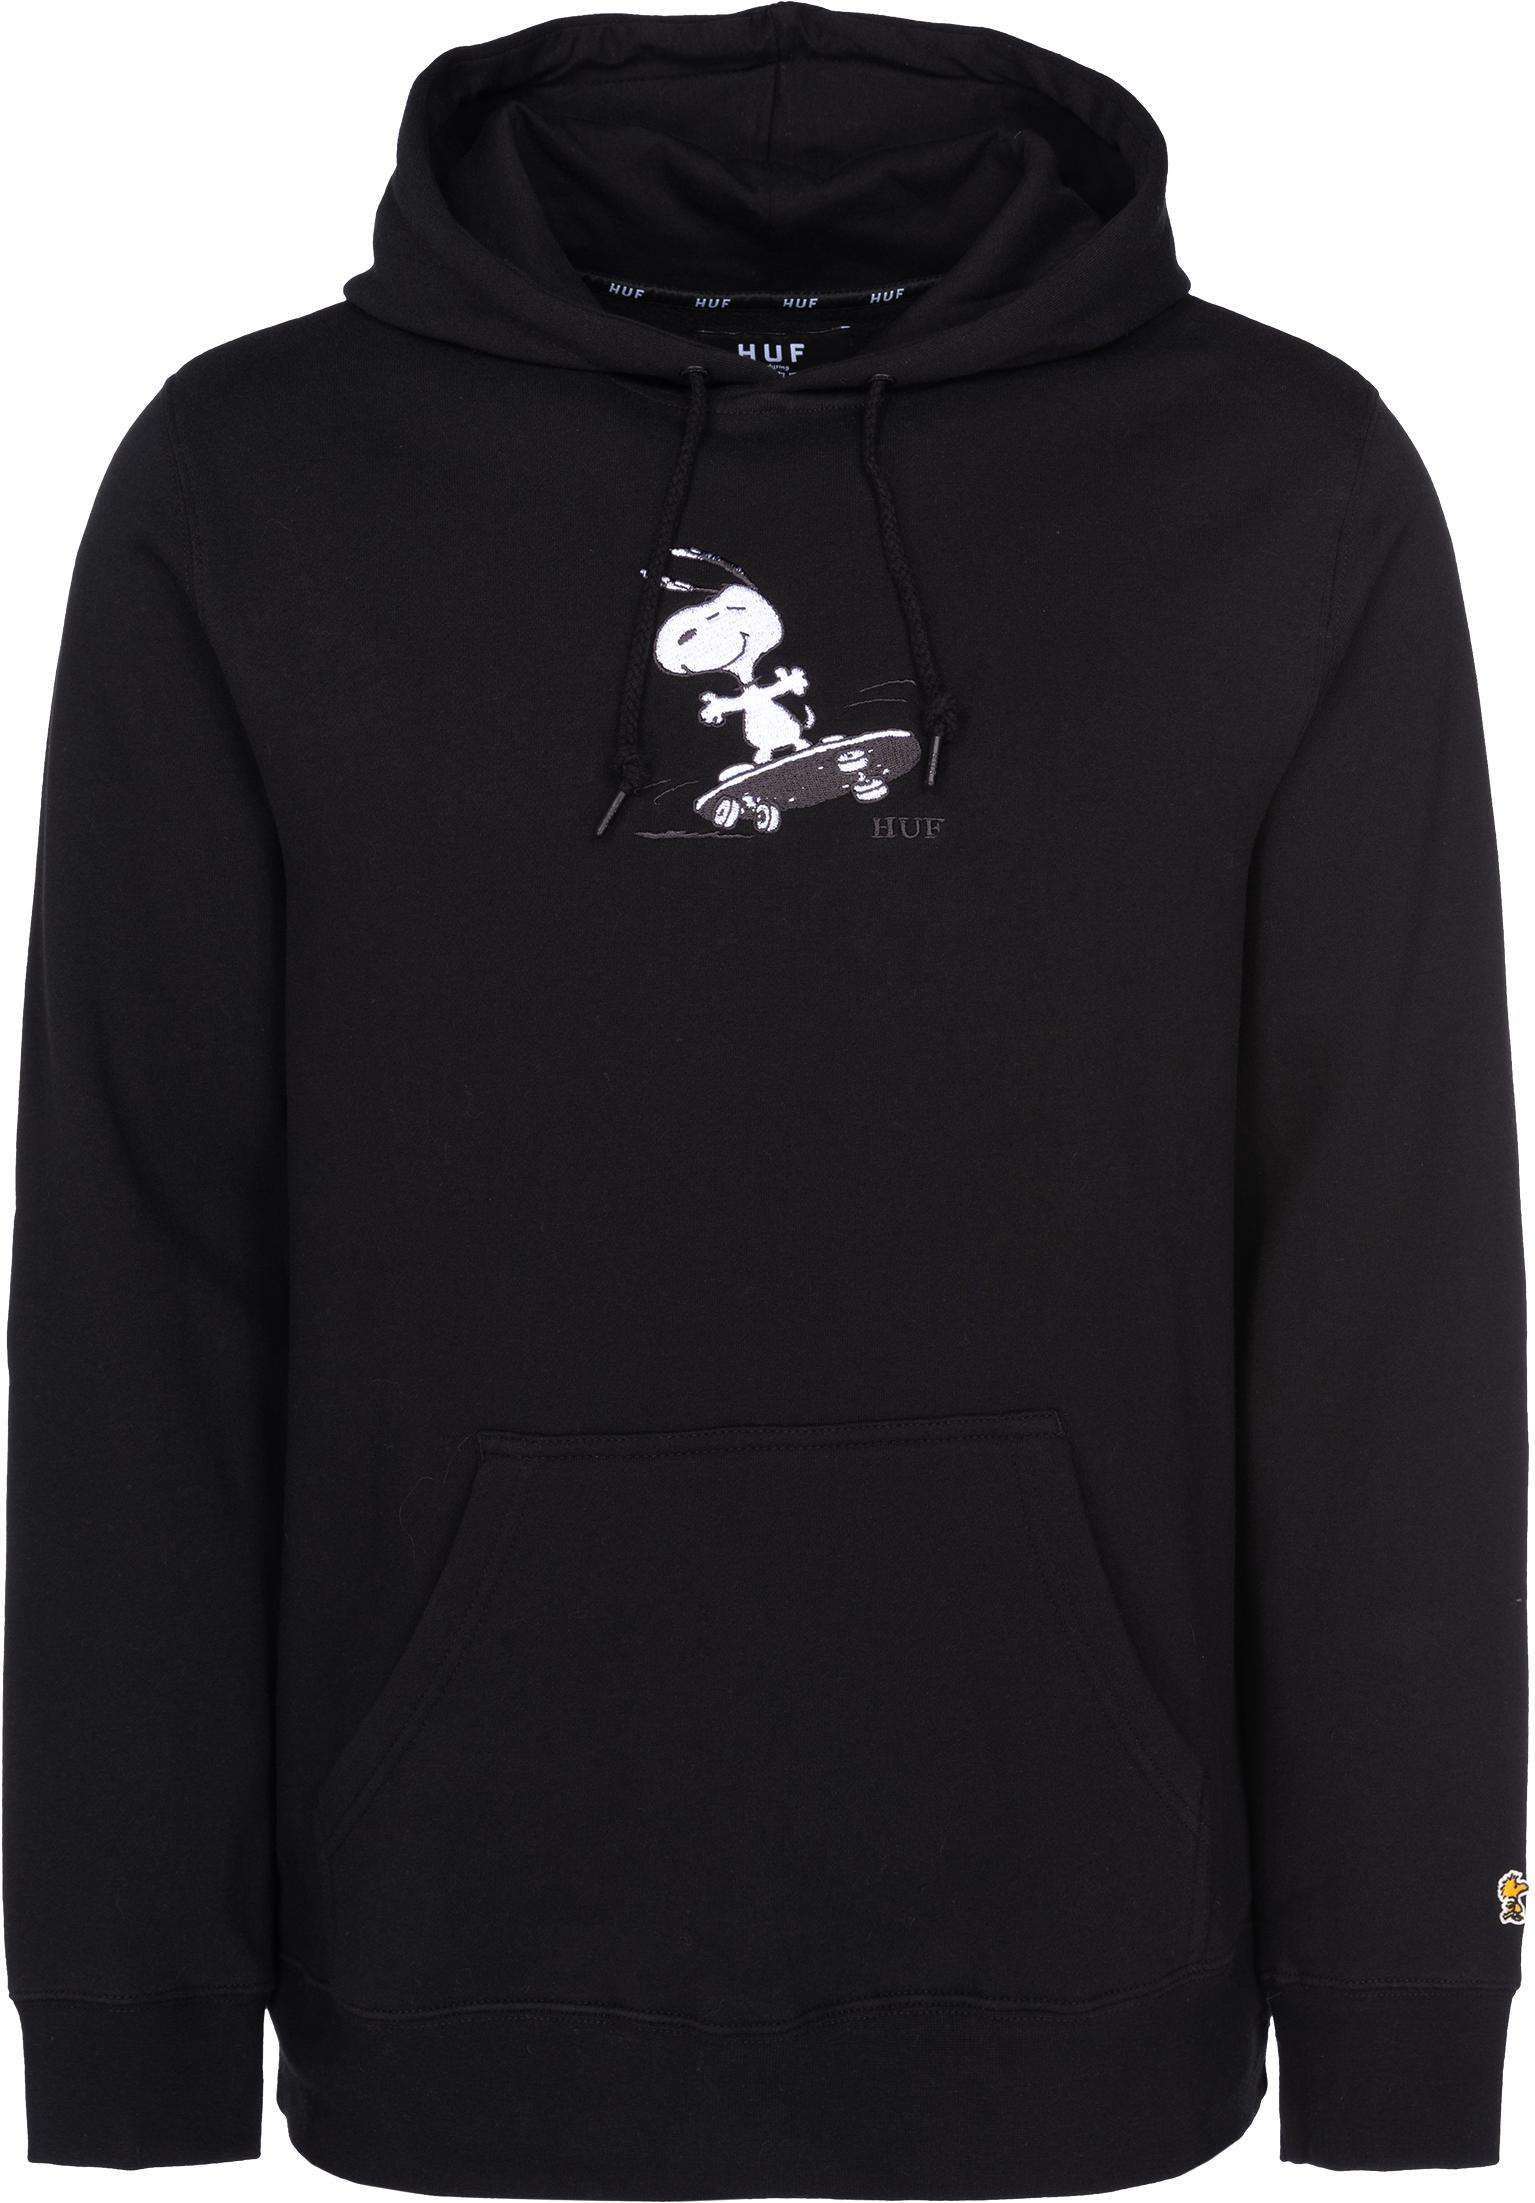 647182fa0a x Peanuts Snoopy Skates HUF Hoodies in black voor Heren